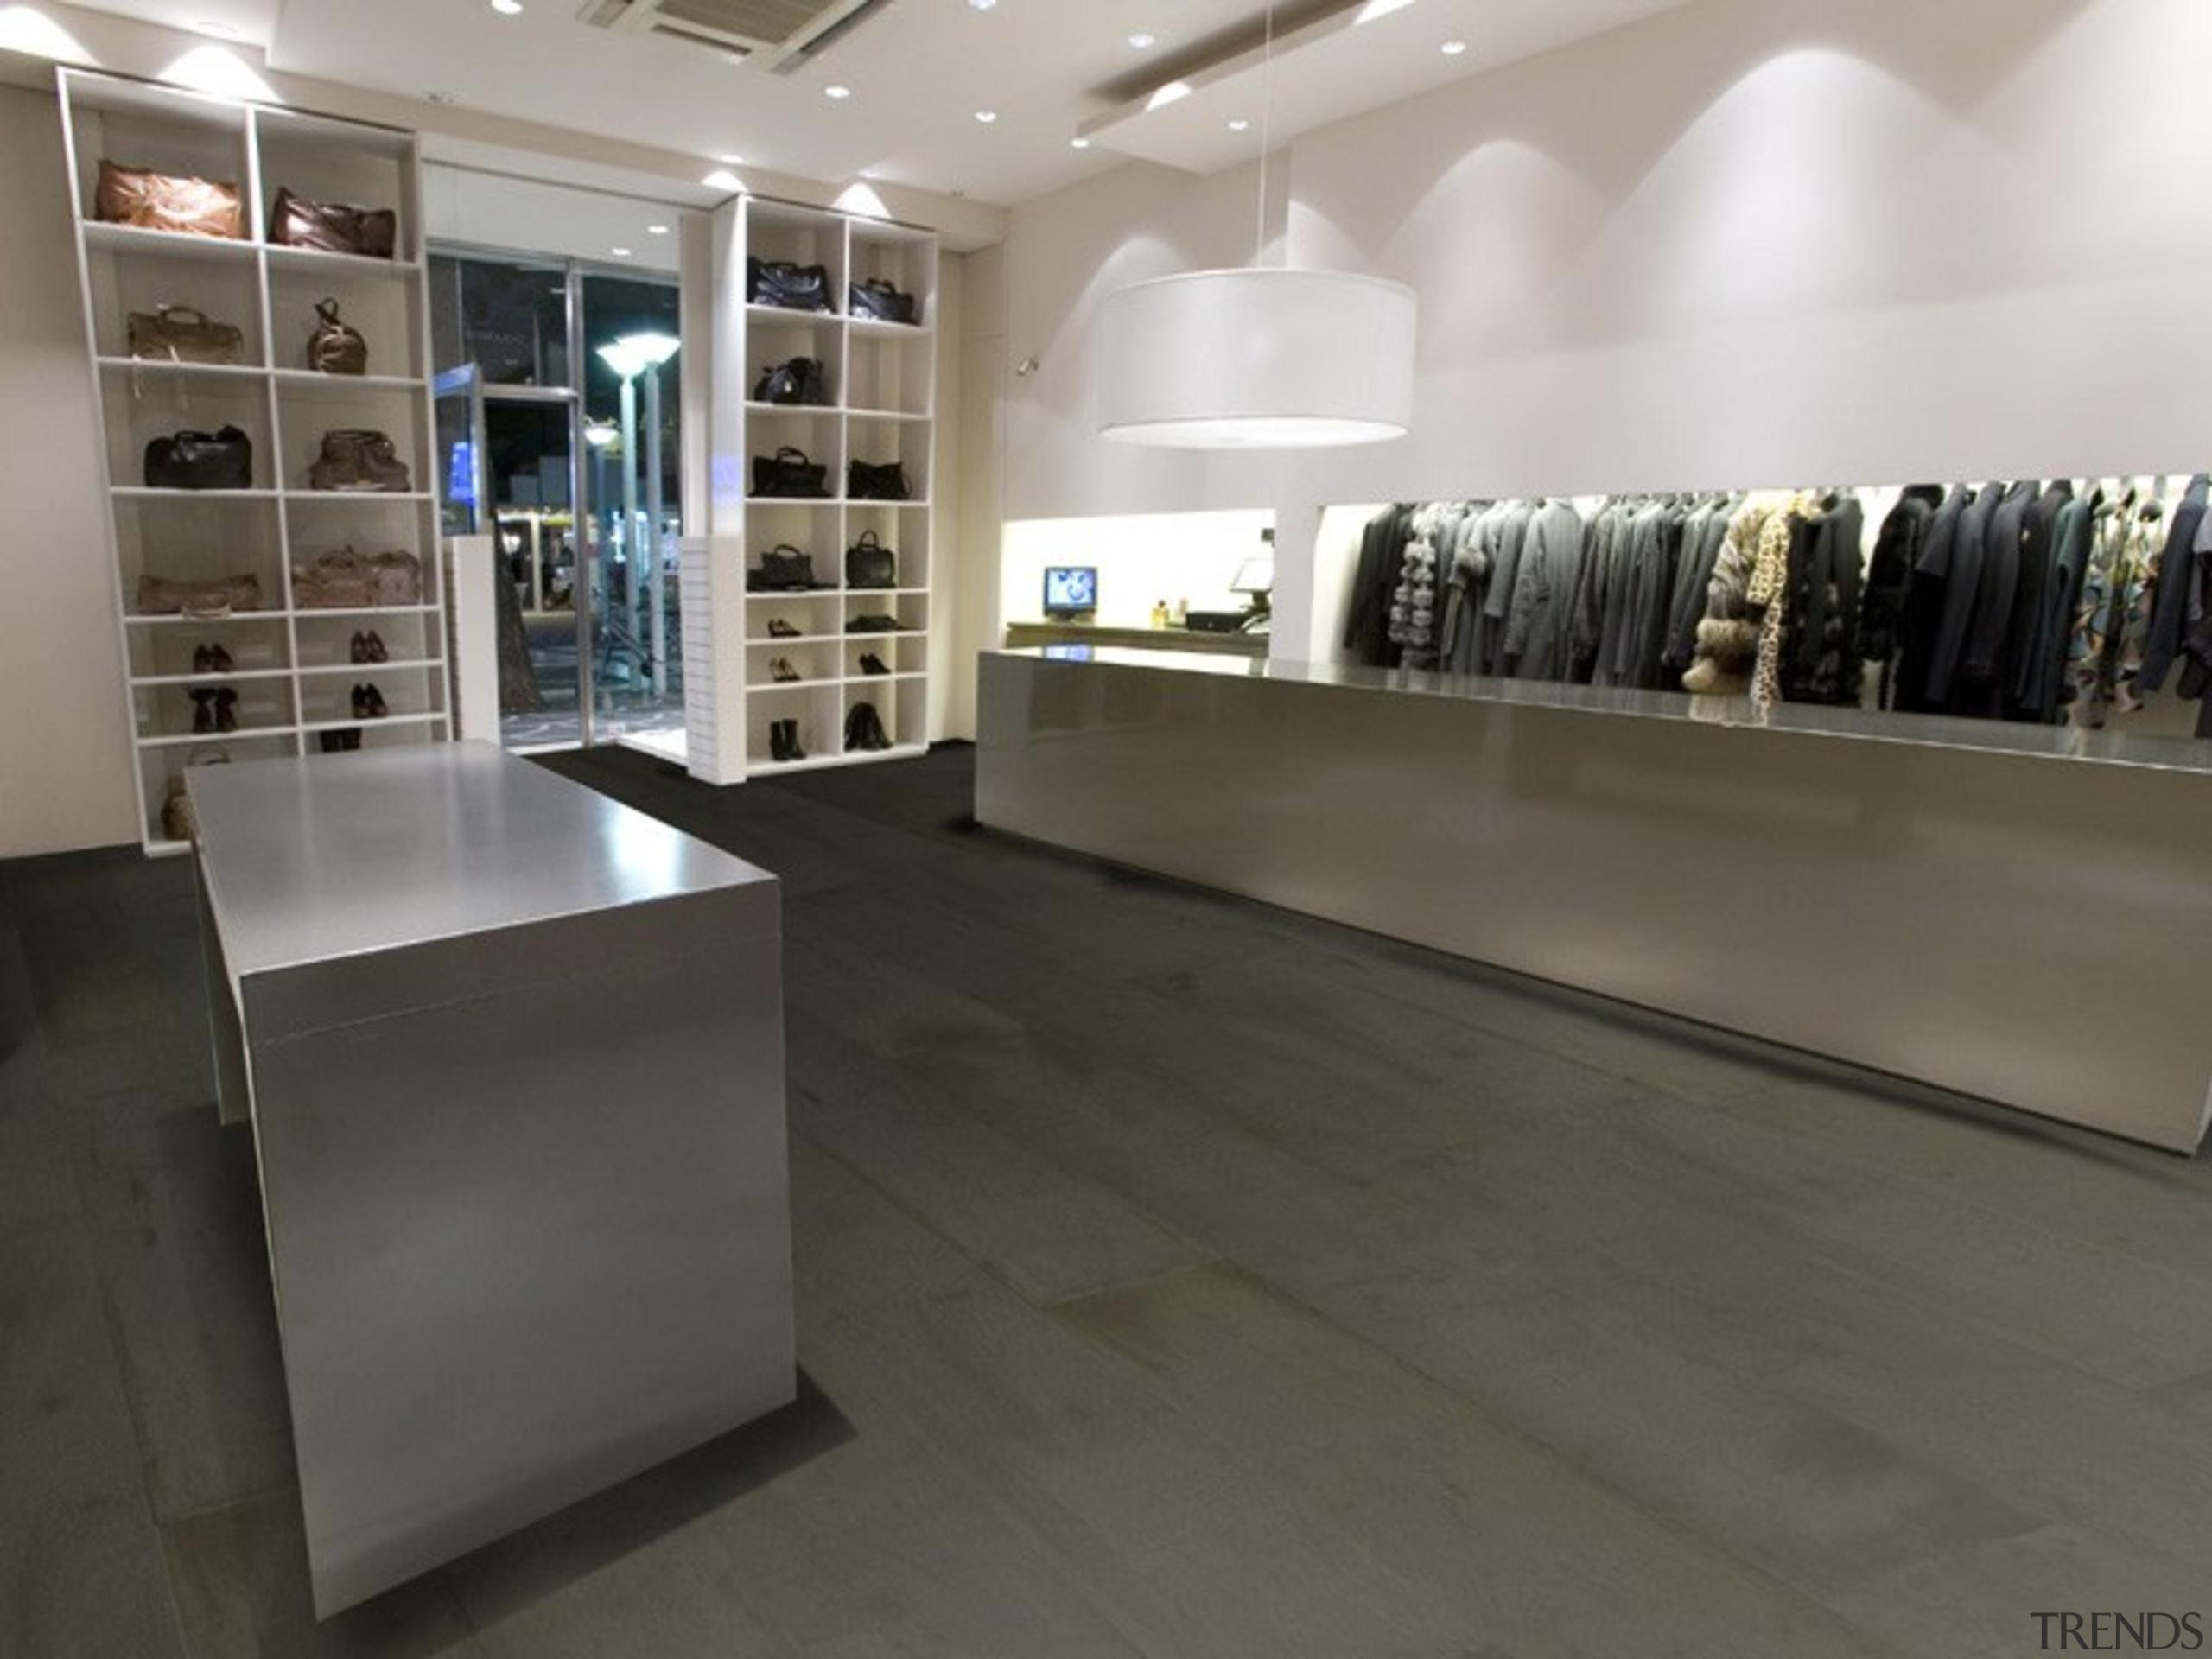 Gstar41 - boutique   floor   flooring   boutique, floor, flooring, furniture, interior design, retail, tile, gray, black